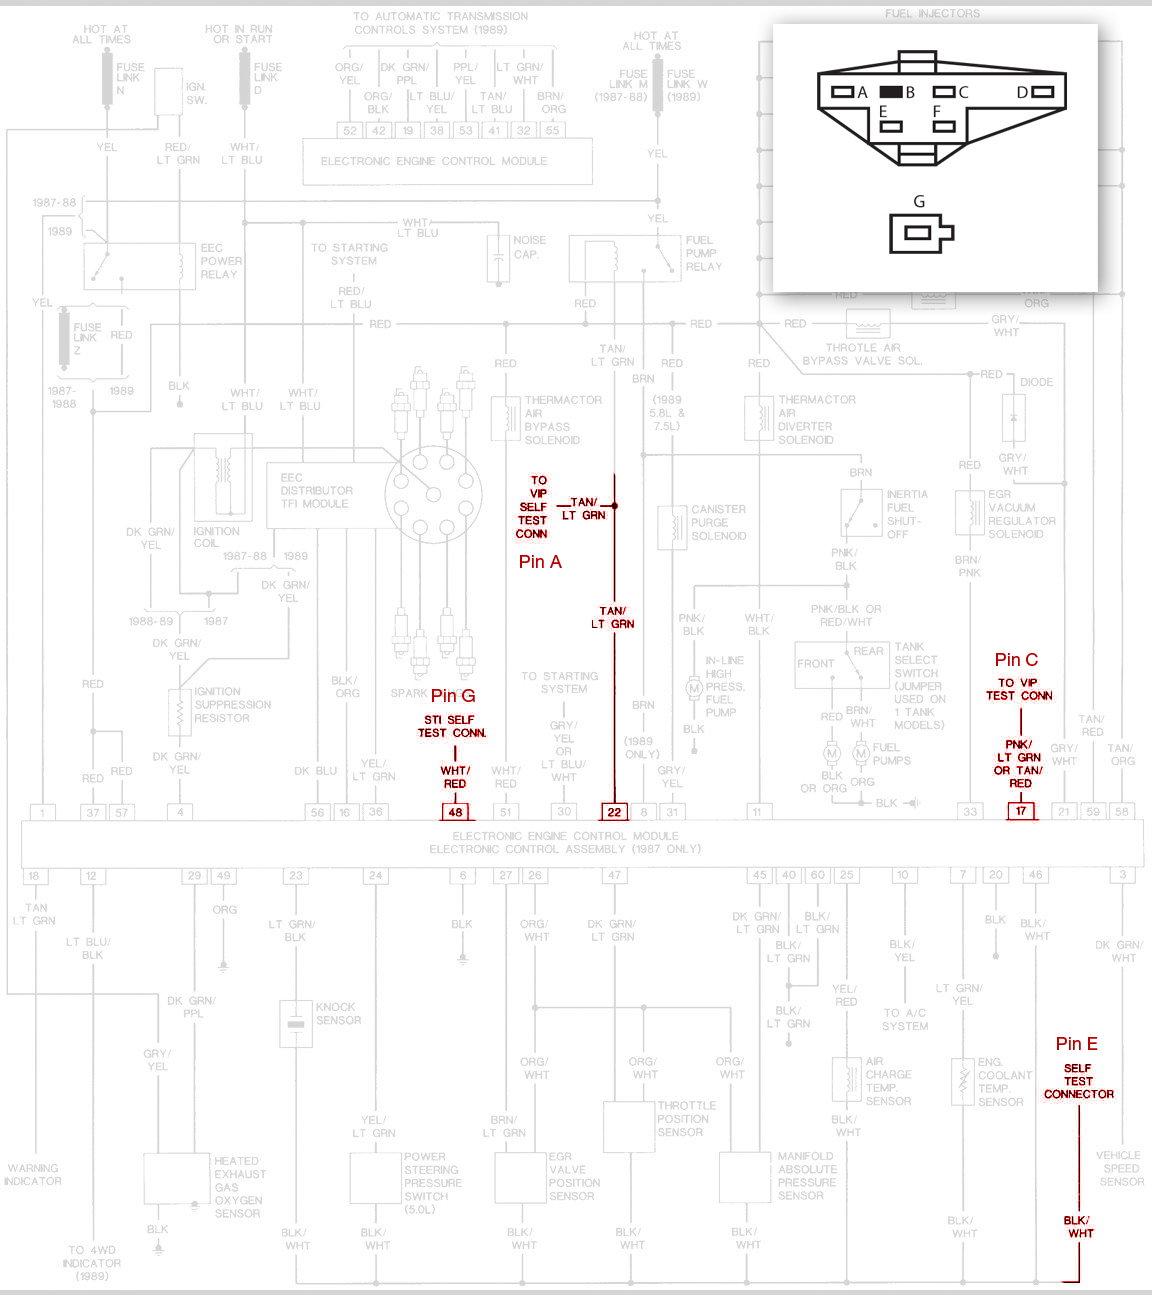 87 F150 Obd1 Test Connector Wiring